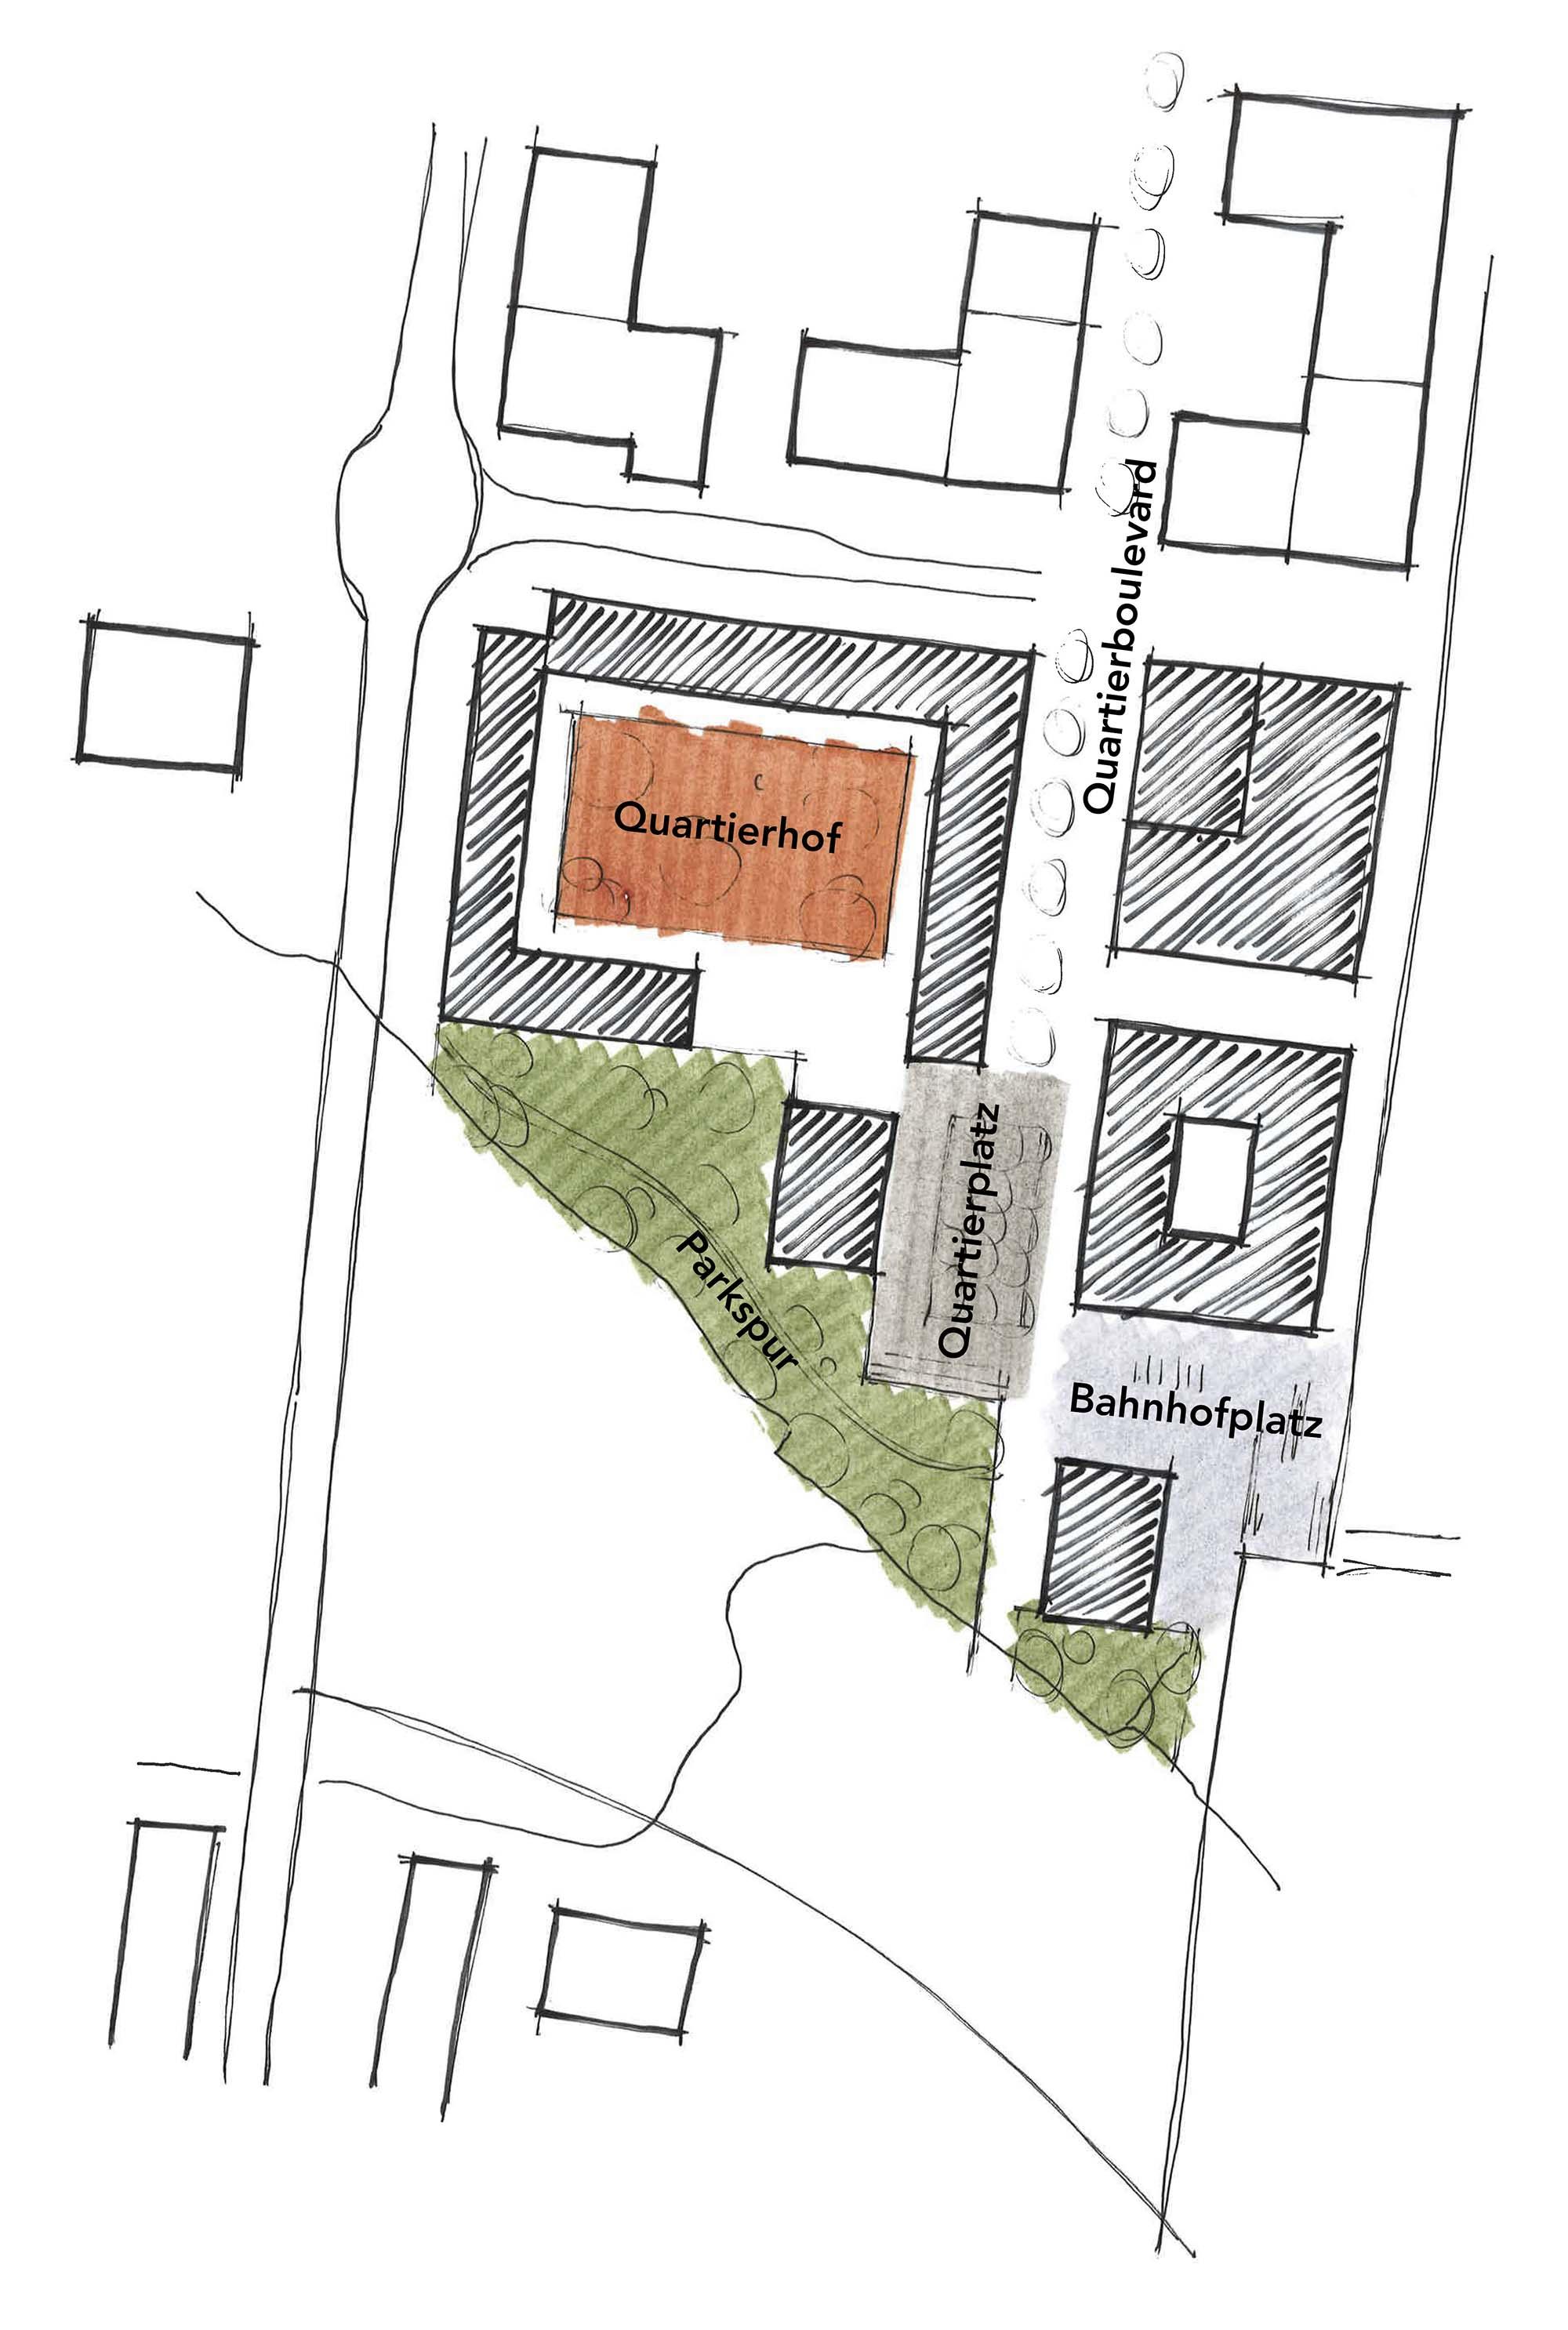 Syntheseplan: Skizze der Bestvariante mit Parkspur, Quartierplatz, Quartierhof, Bahnhofplatz und Quartierboulevard